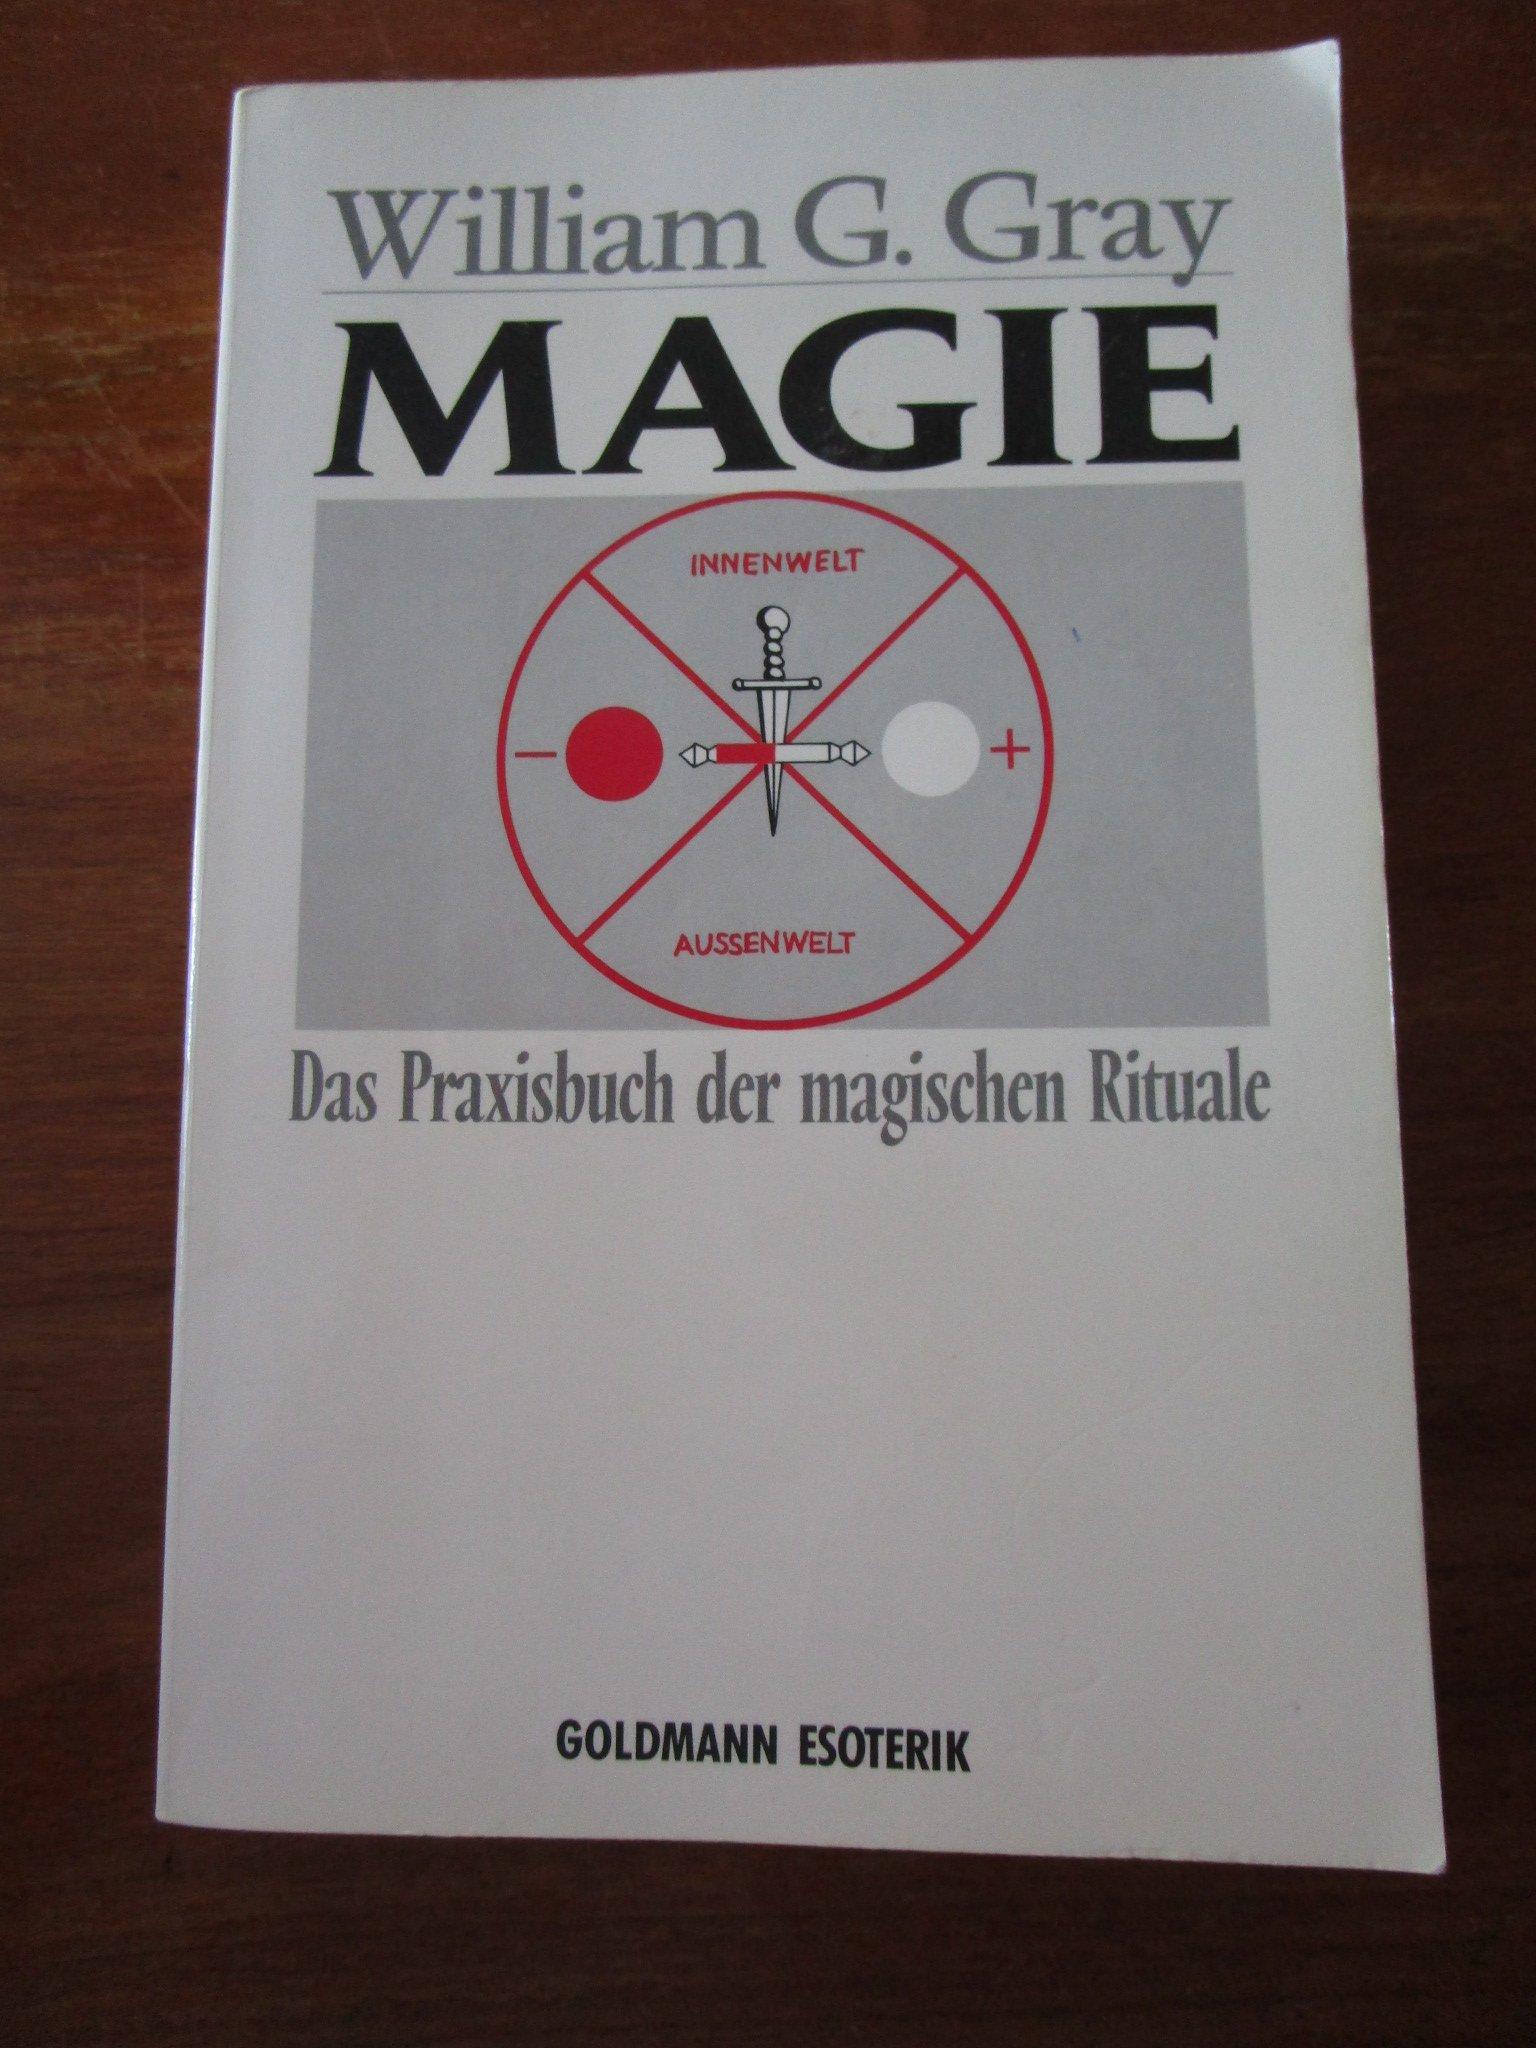 Magie (7407 408). Das Praxisbuch der magischen Rituale. (Esoterik).